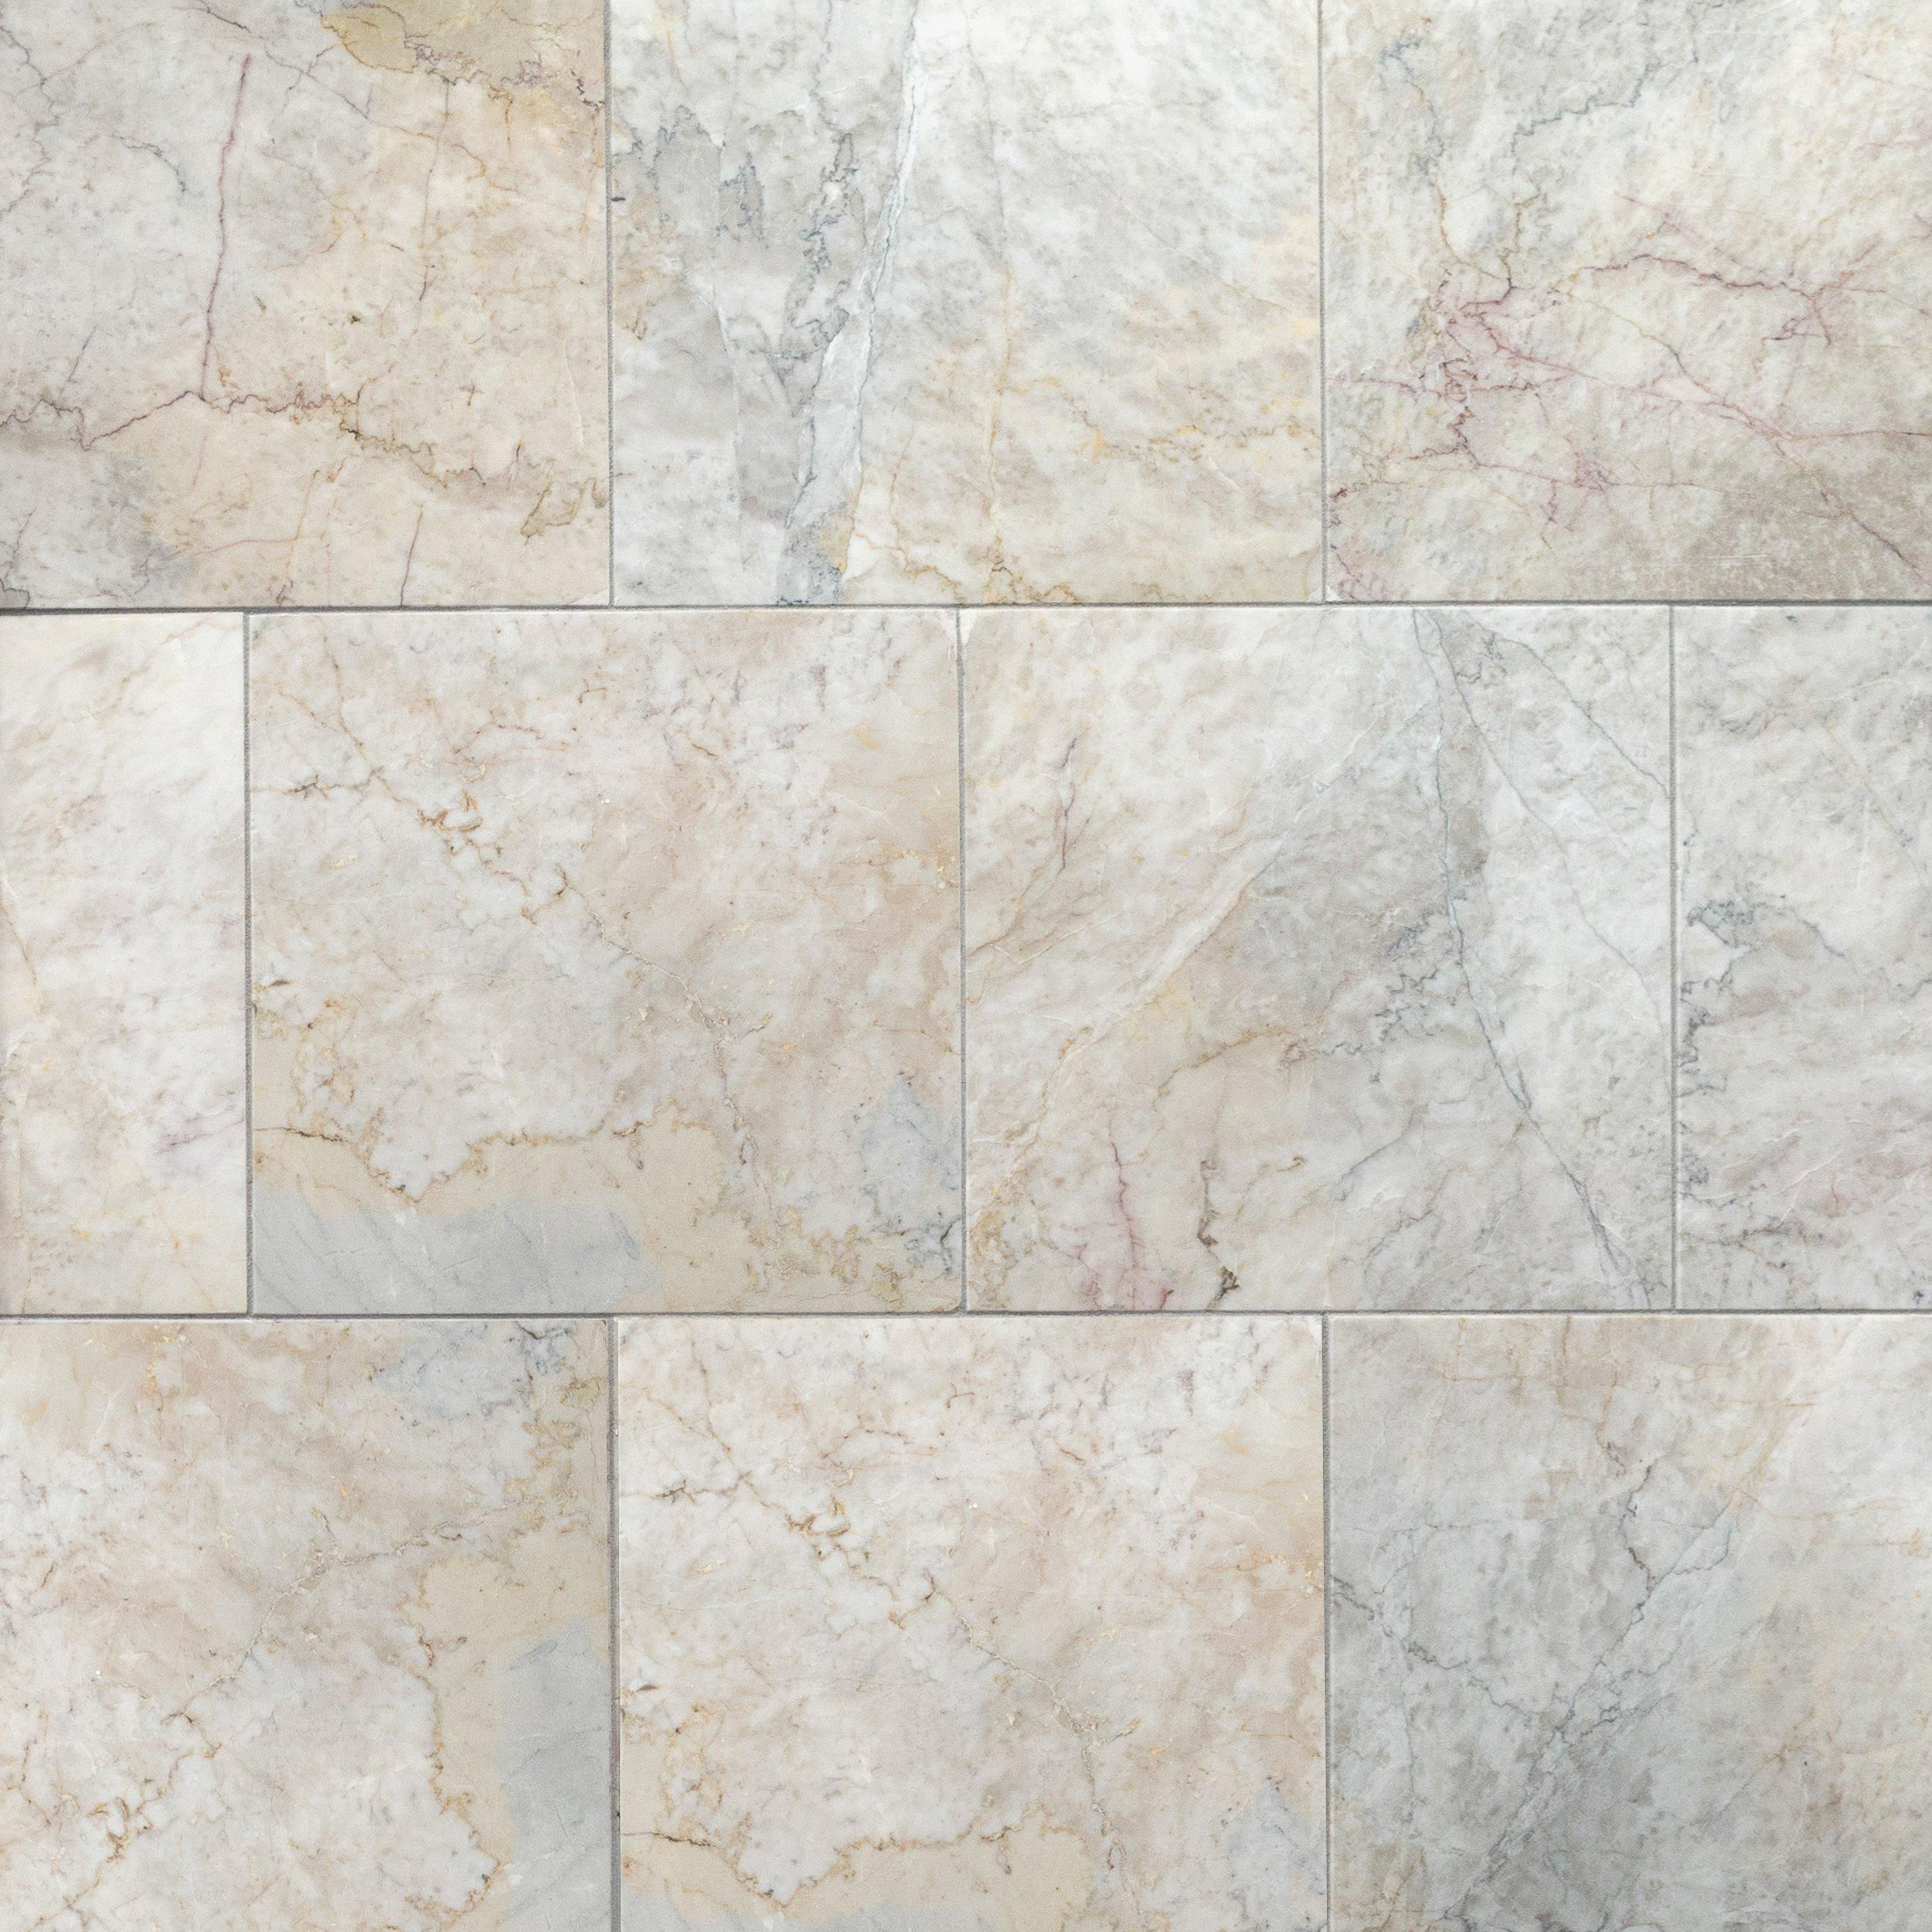 Dynasty Cream Marble Tile Floor Decor In 2020 Cream Marble Tiles Polished Marble Tiles White Marble Tiles